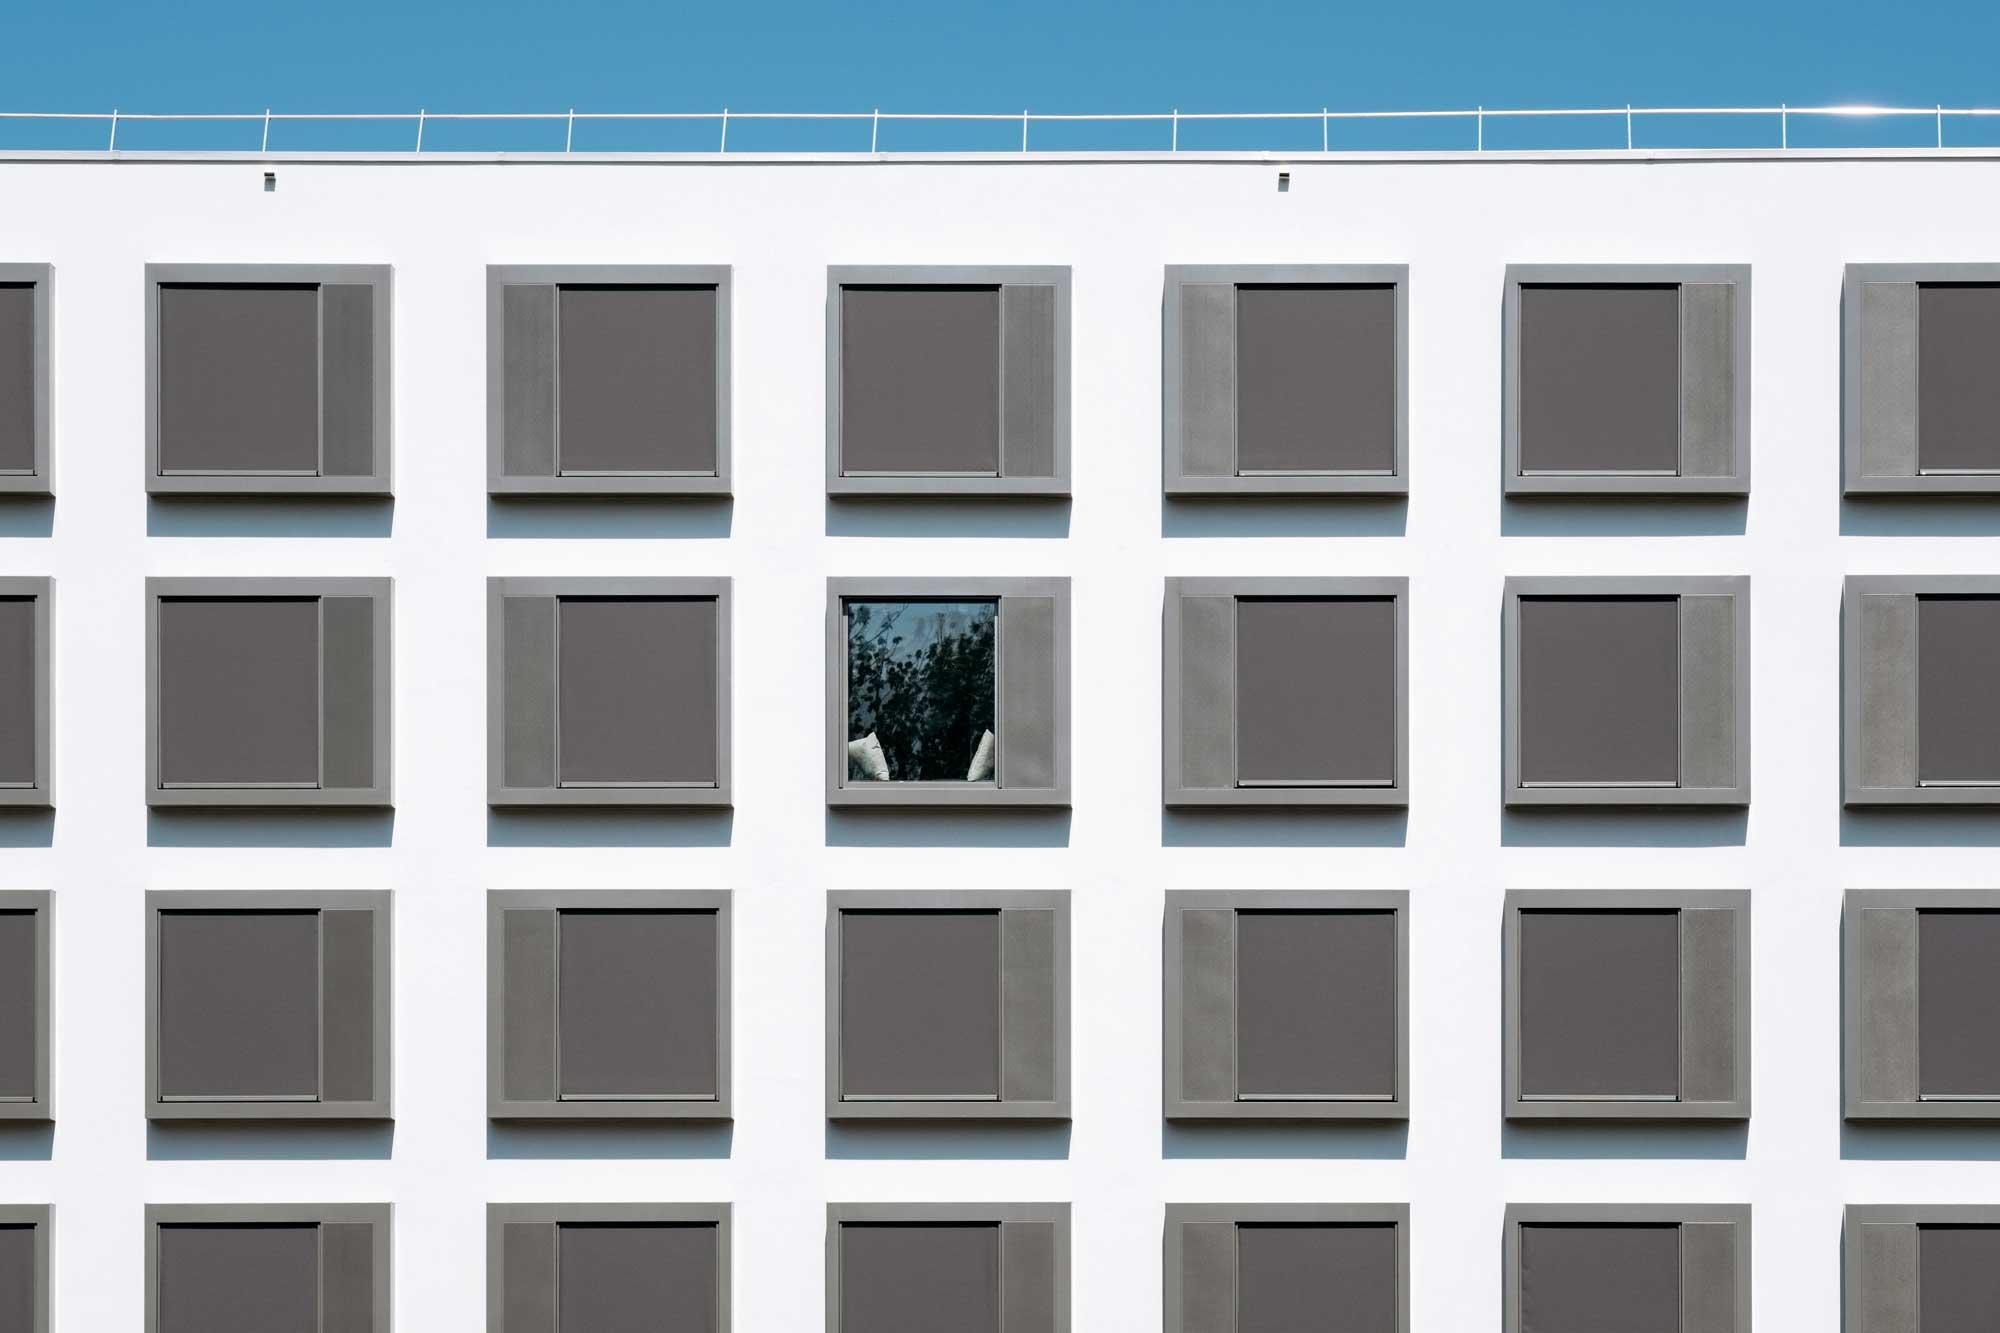 Les fenêtres, conçues comme de véritables extensions des chambres, rappellent aussi des cases de BD, thème de la décoration de l'hôtel.